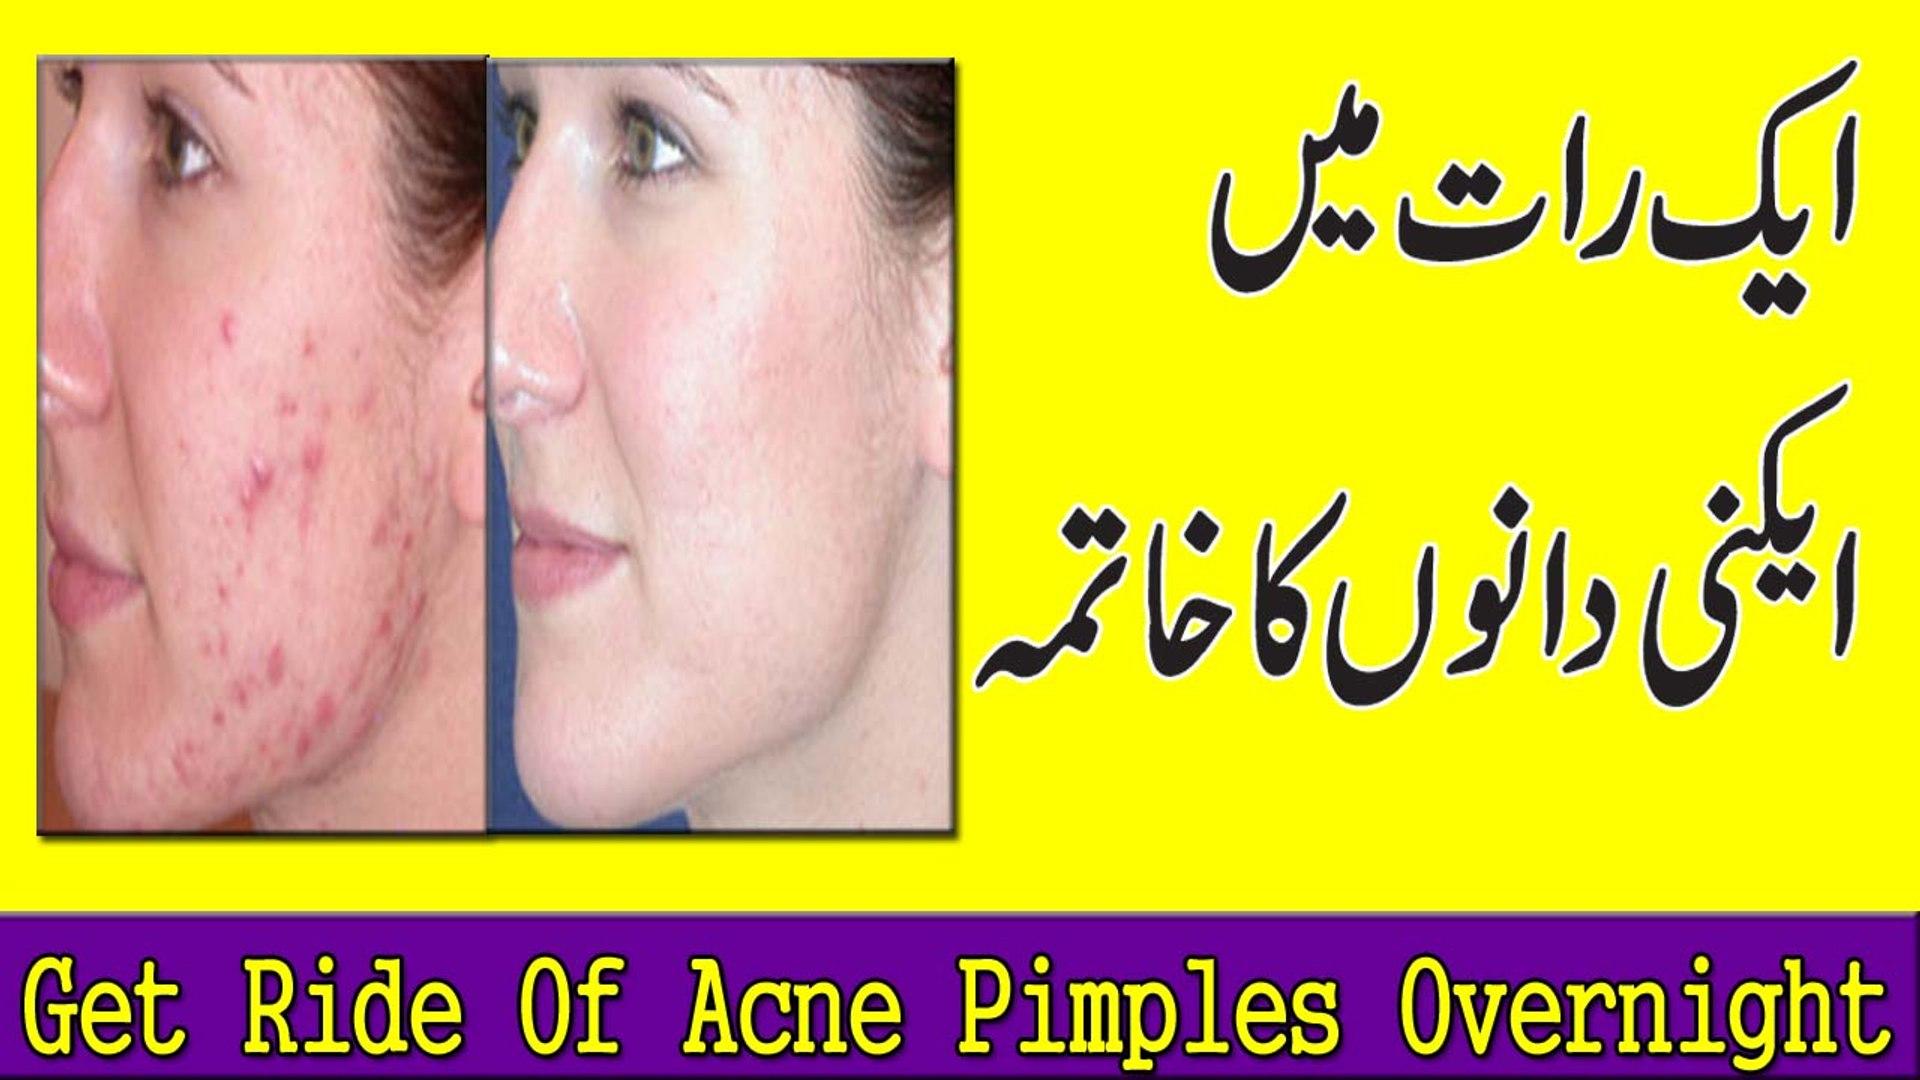 Remove Pimples Overnight Chehre K Danon Ka Ilaaj